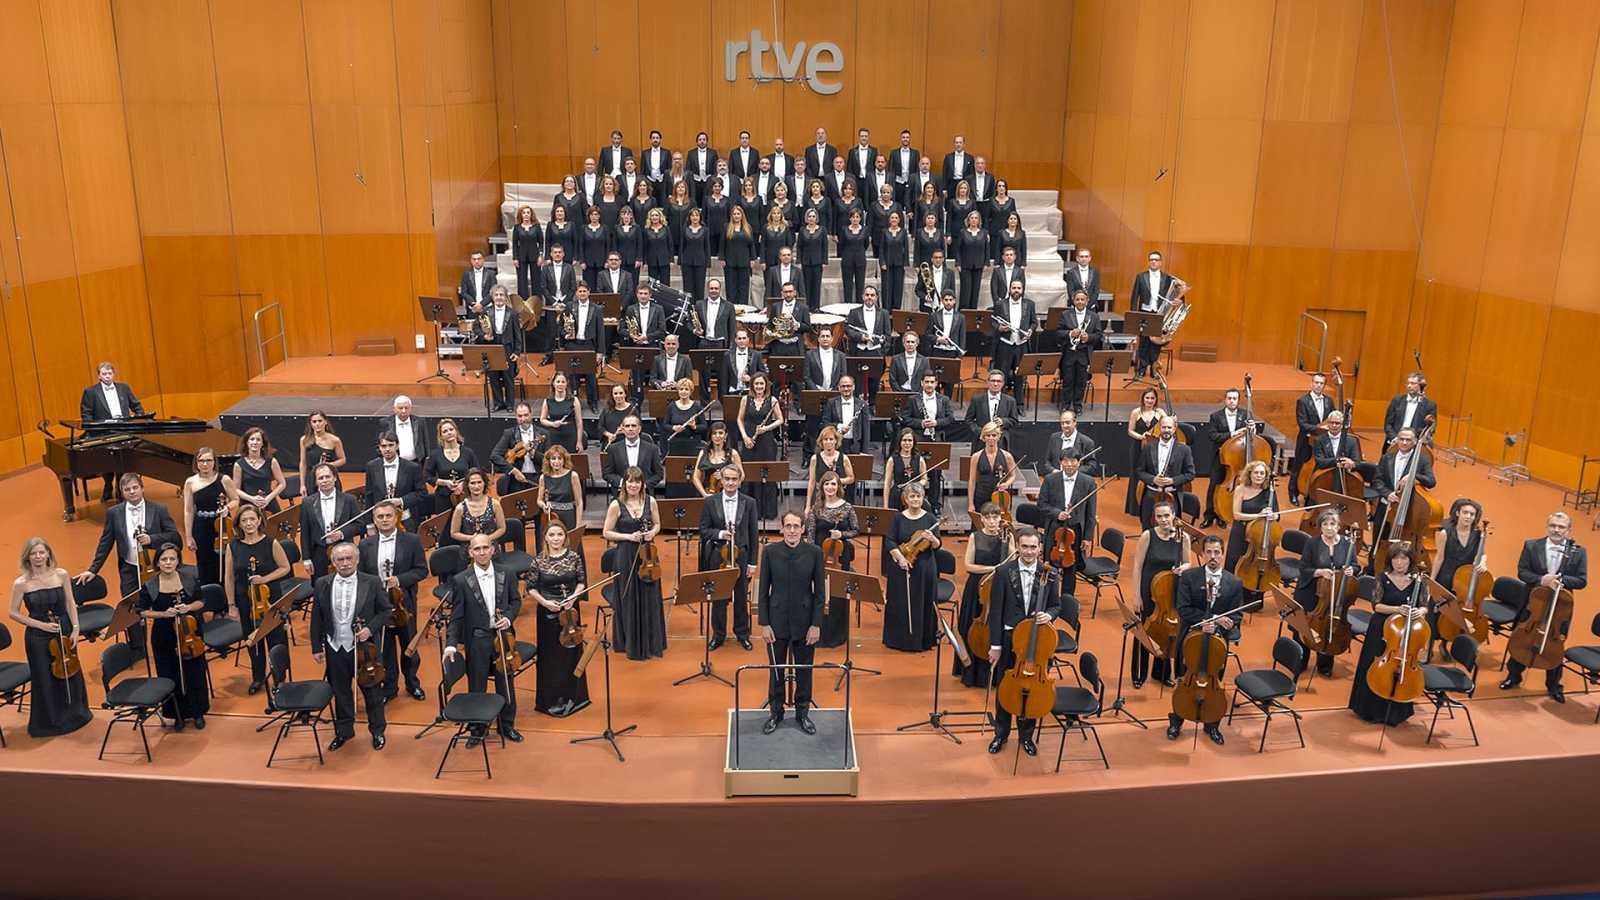 La Orquesta Sinfónica y Coro en el Teatro Monumental  con su director, Pablo González